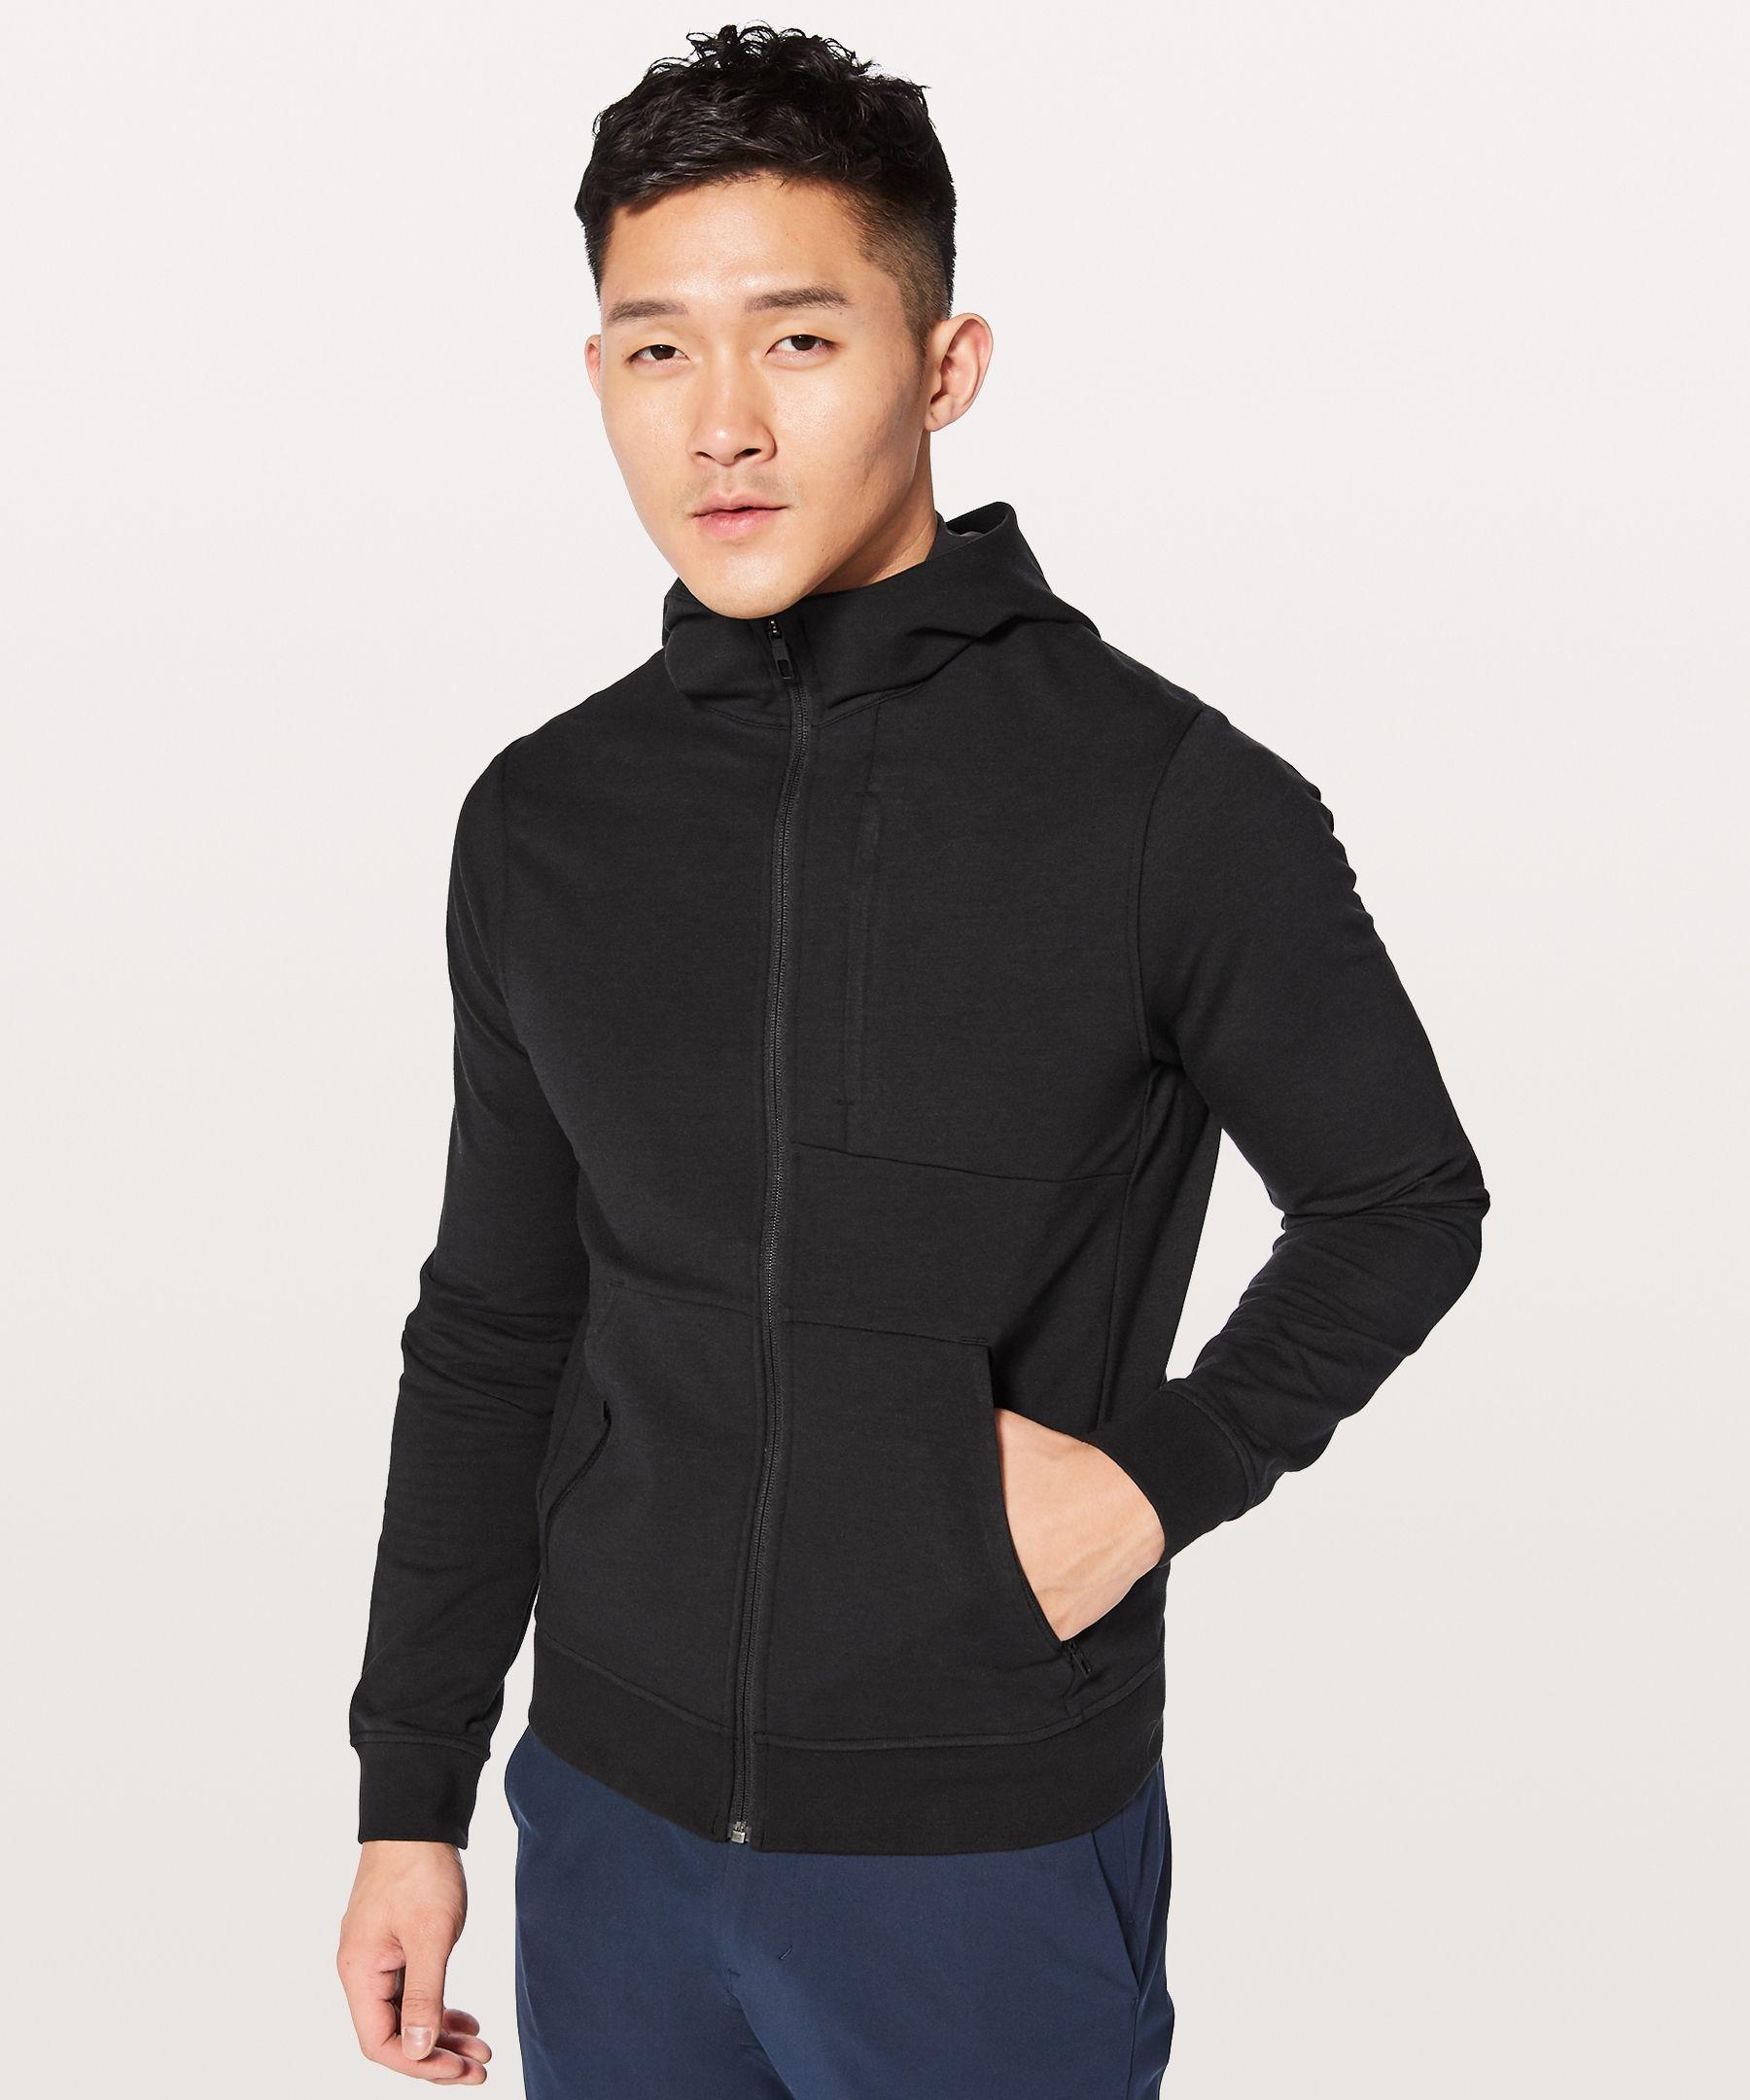 Lululemon Men S City Sweat Zip Hoodie French Terry Black Size Xs Hoodies Zip Hoodie Hooded Jacket